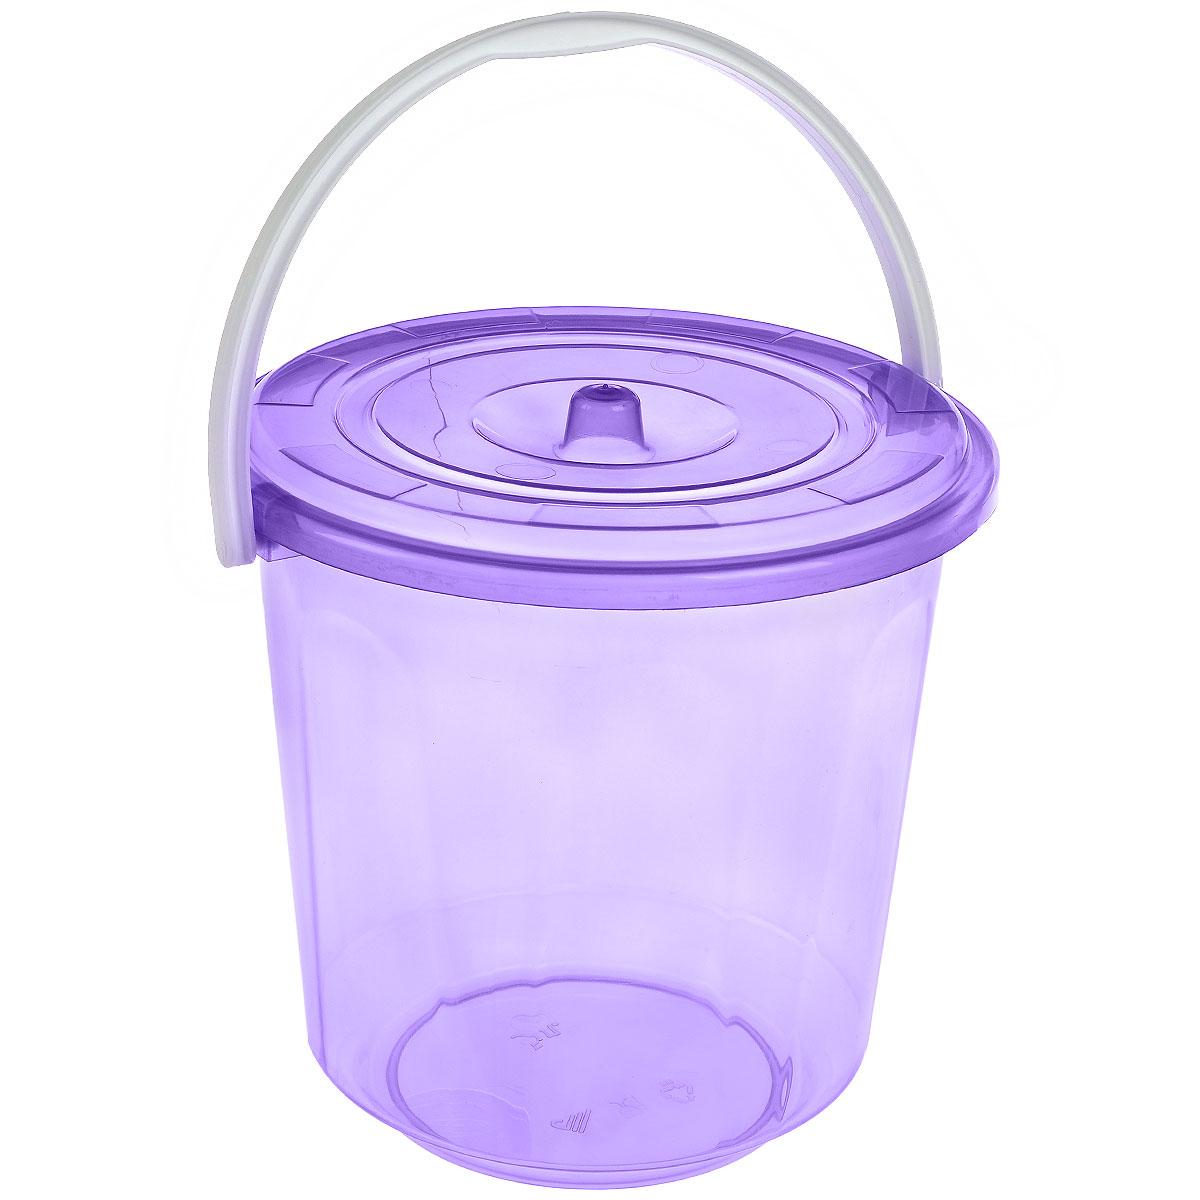 Ведро Альтернатива Хозяюшка, с крышкой, цвет: фиолетовый, 5 лМ1178_фиолетовыйКруглое ведро Альтернатива Хозяюшка изготовлено из высококачественного пластика. Оно легче железного и не подвержено коррозии. Ведро оснащено удобной пластиковой ручкой и плотно прилегающей крышкой. Такое ведро станет незаменимым помощником в хозяйстве. Диаметр (по верхнему краю): 21 см. Высота (без учета крышки): 21 см.